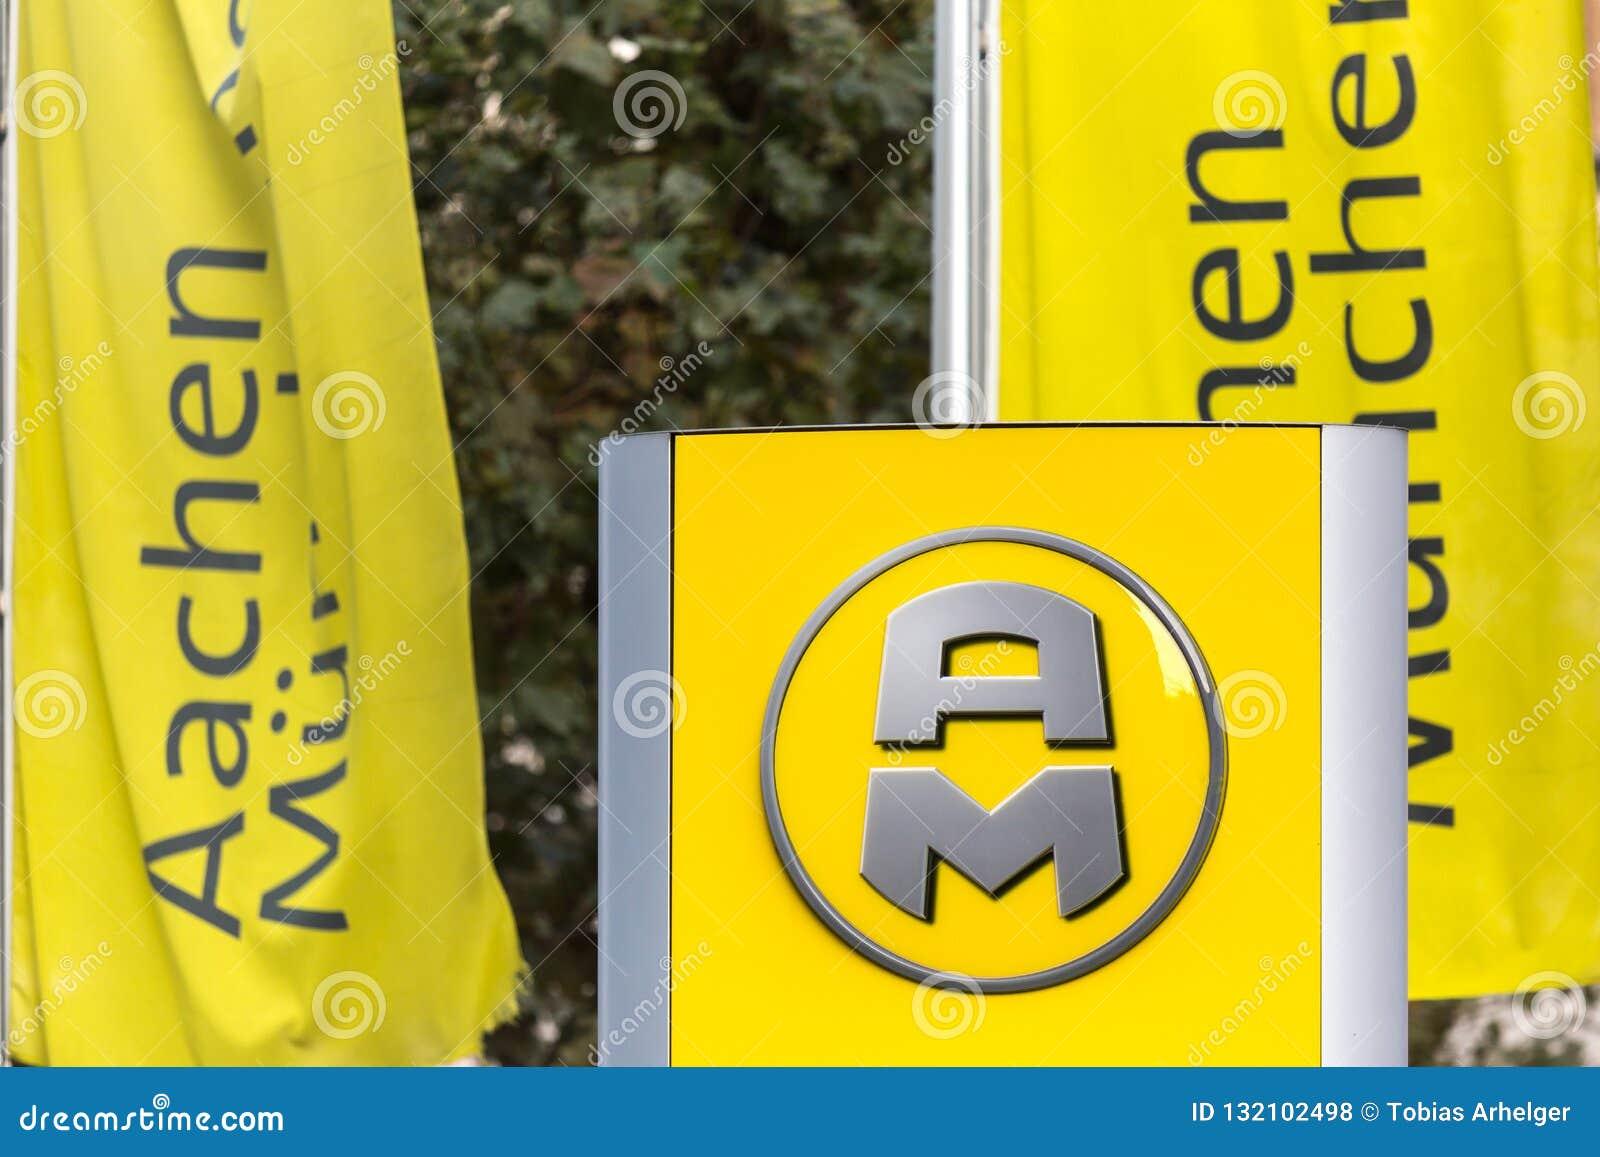 Aken, Noordrijn-Westfalen/Duitsland - 06 11 18: aachener nchener teken mà ¼ in Aken Duitsland